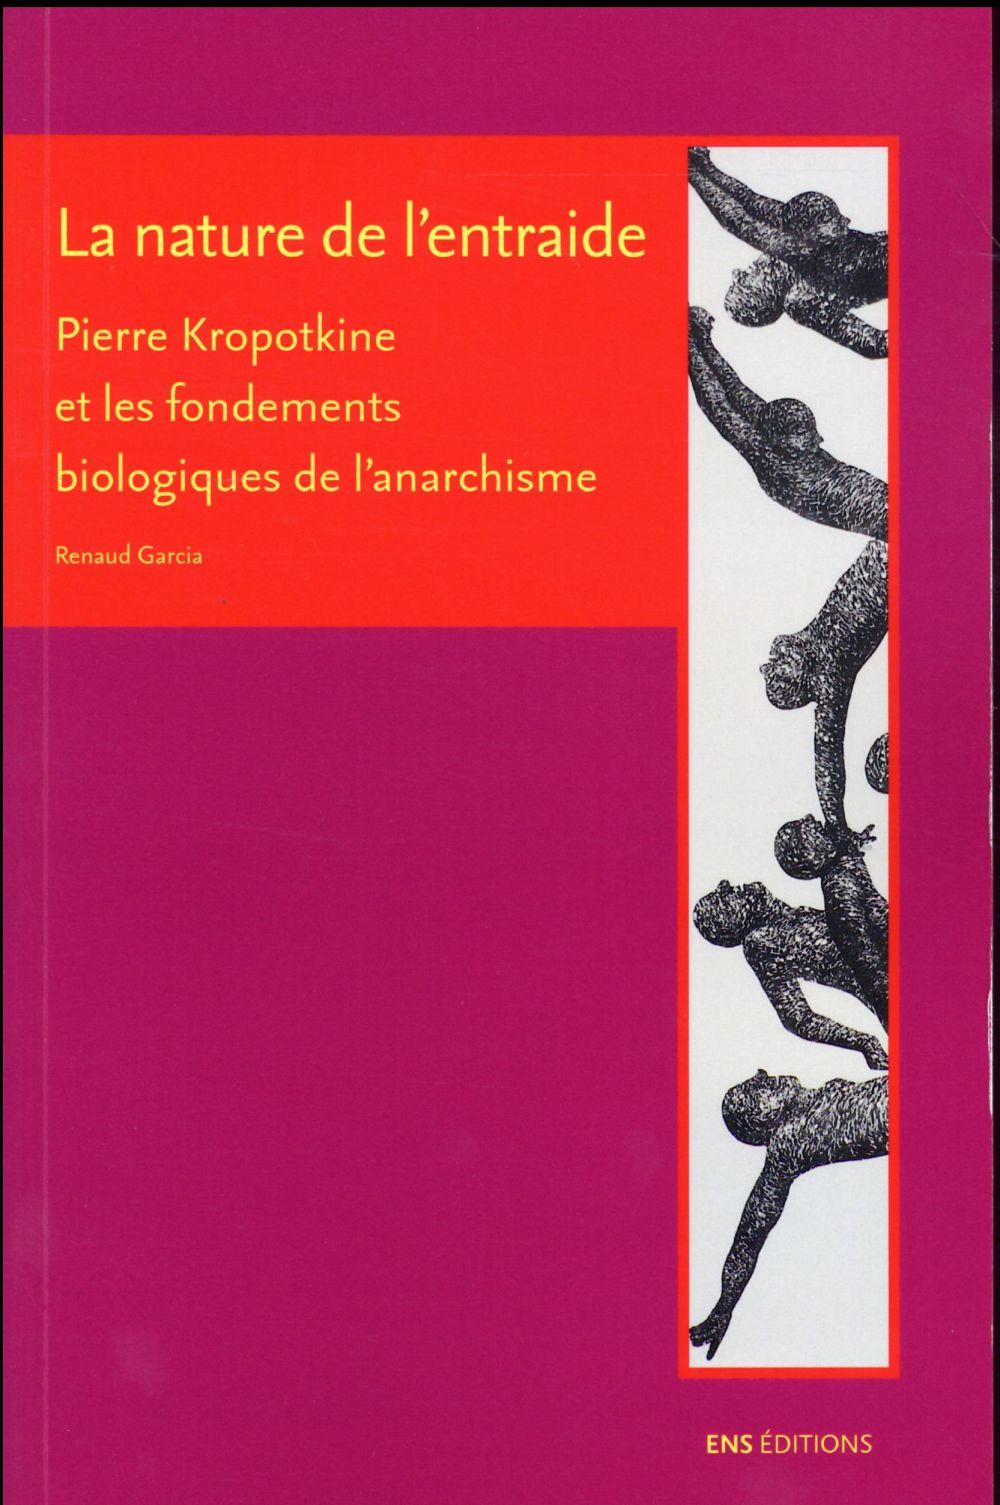 La nature de l'entraide. pierre kropotkine et les fondements biologiq ues de l'anarchisme